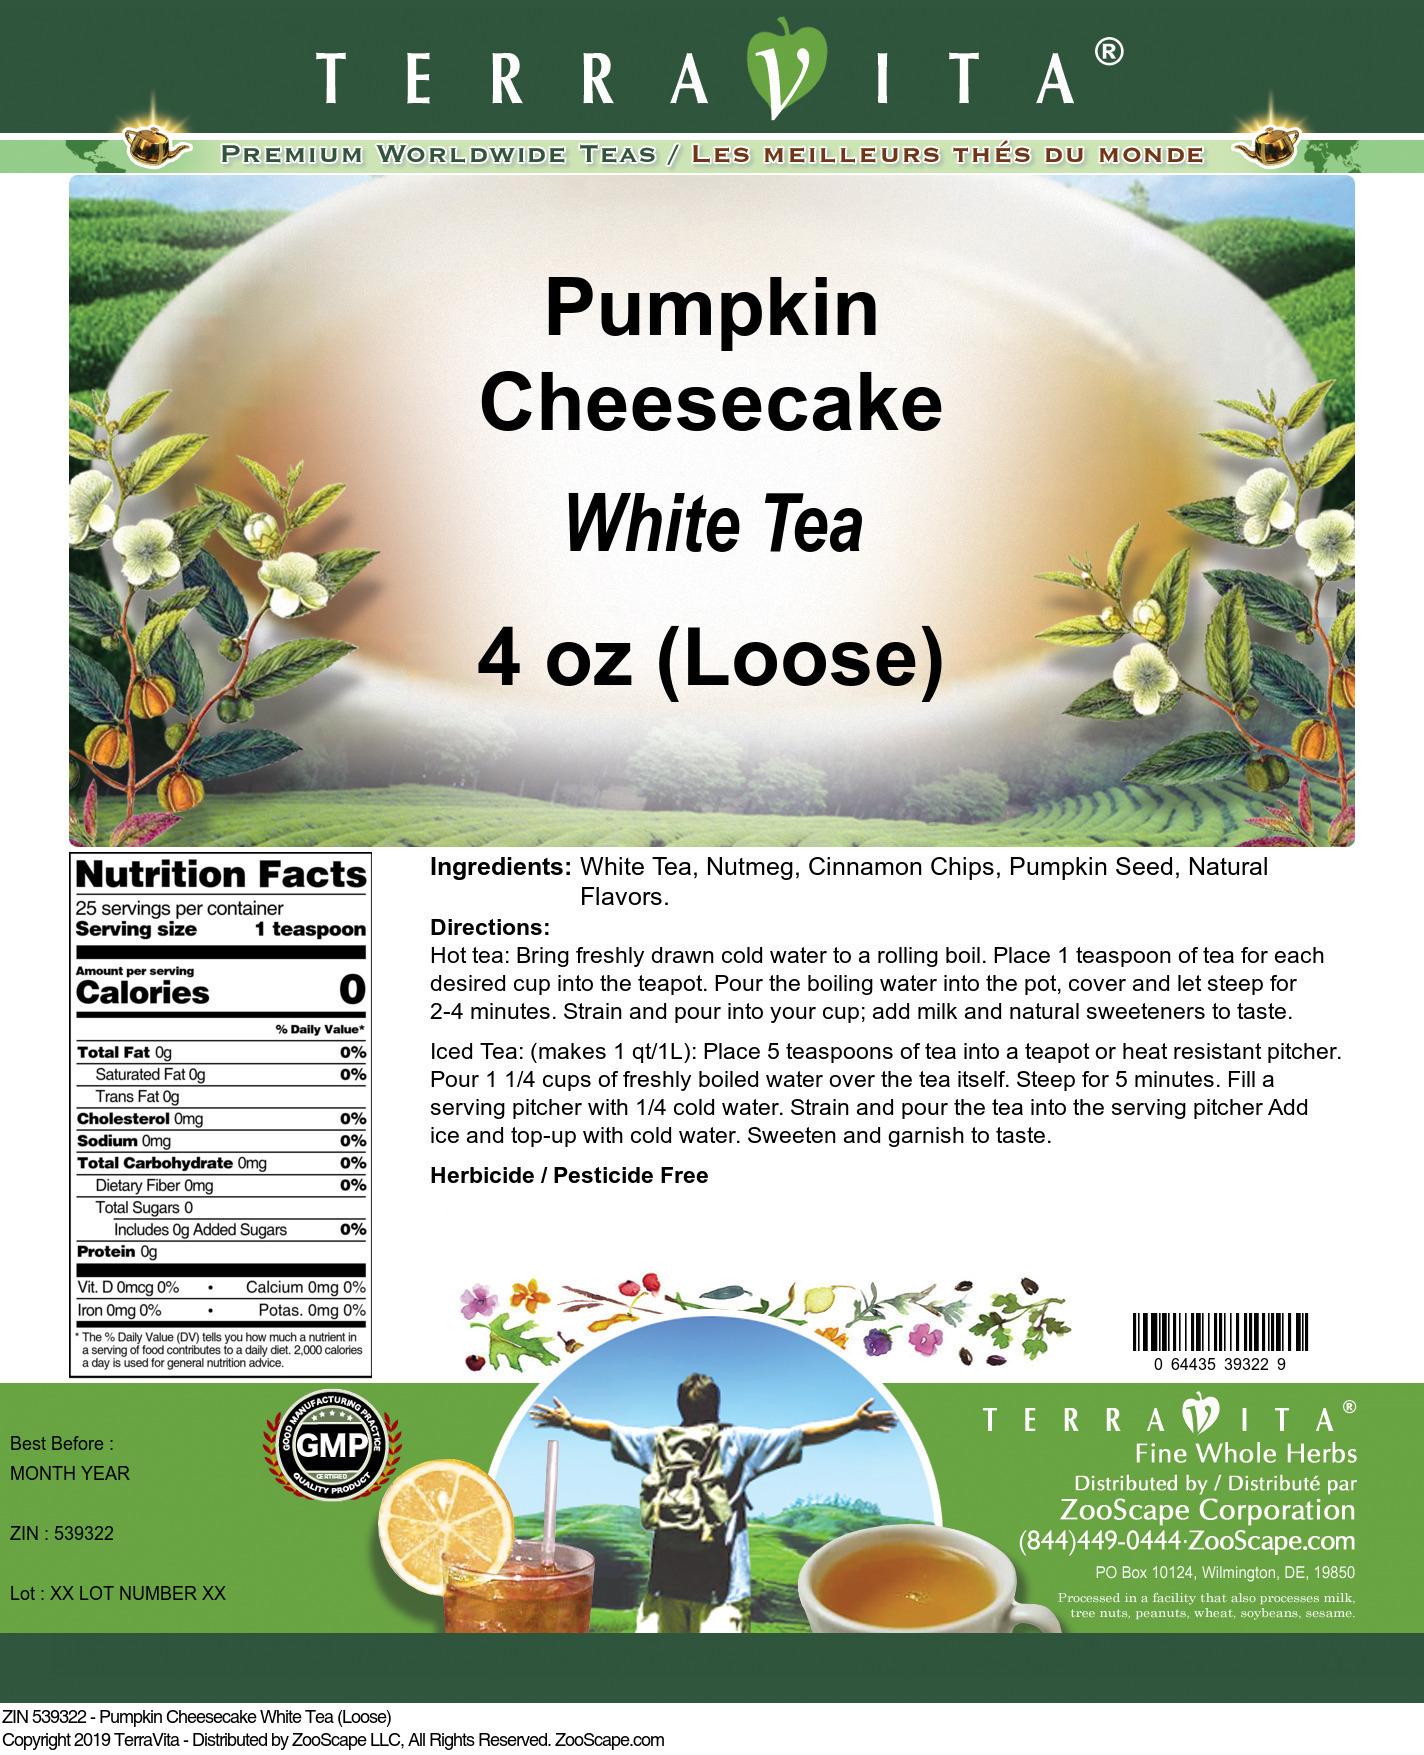 Pumpkin Cheesecake White Tea (Loose)